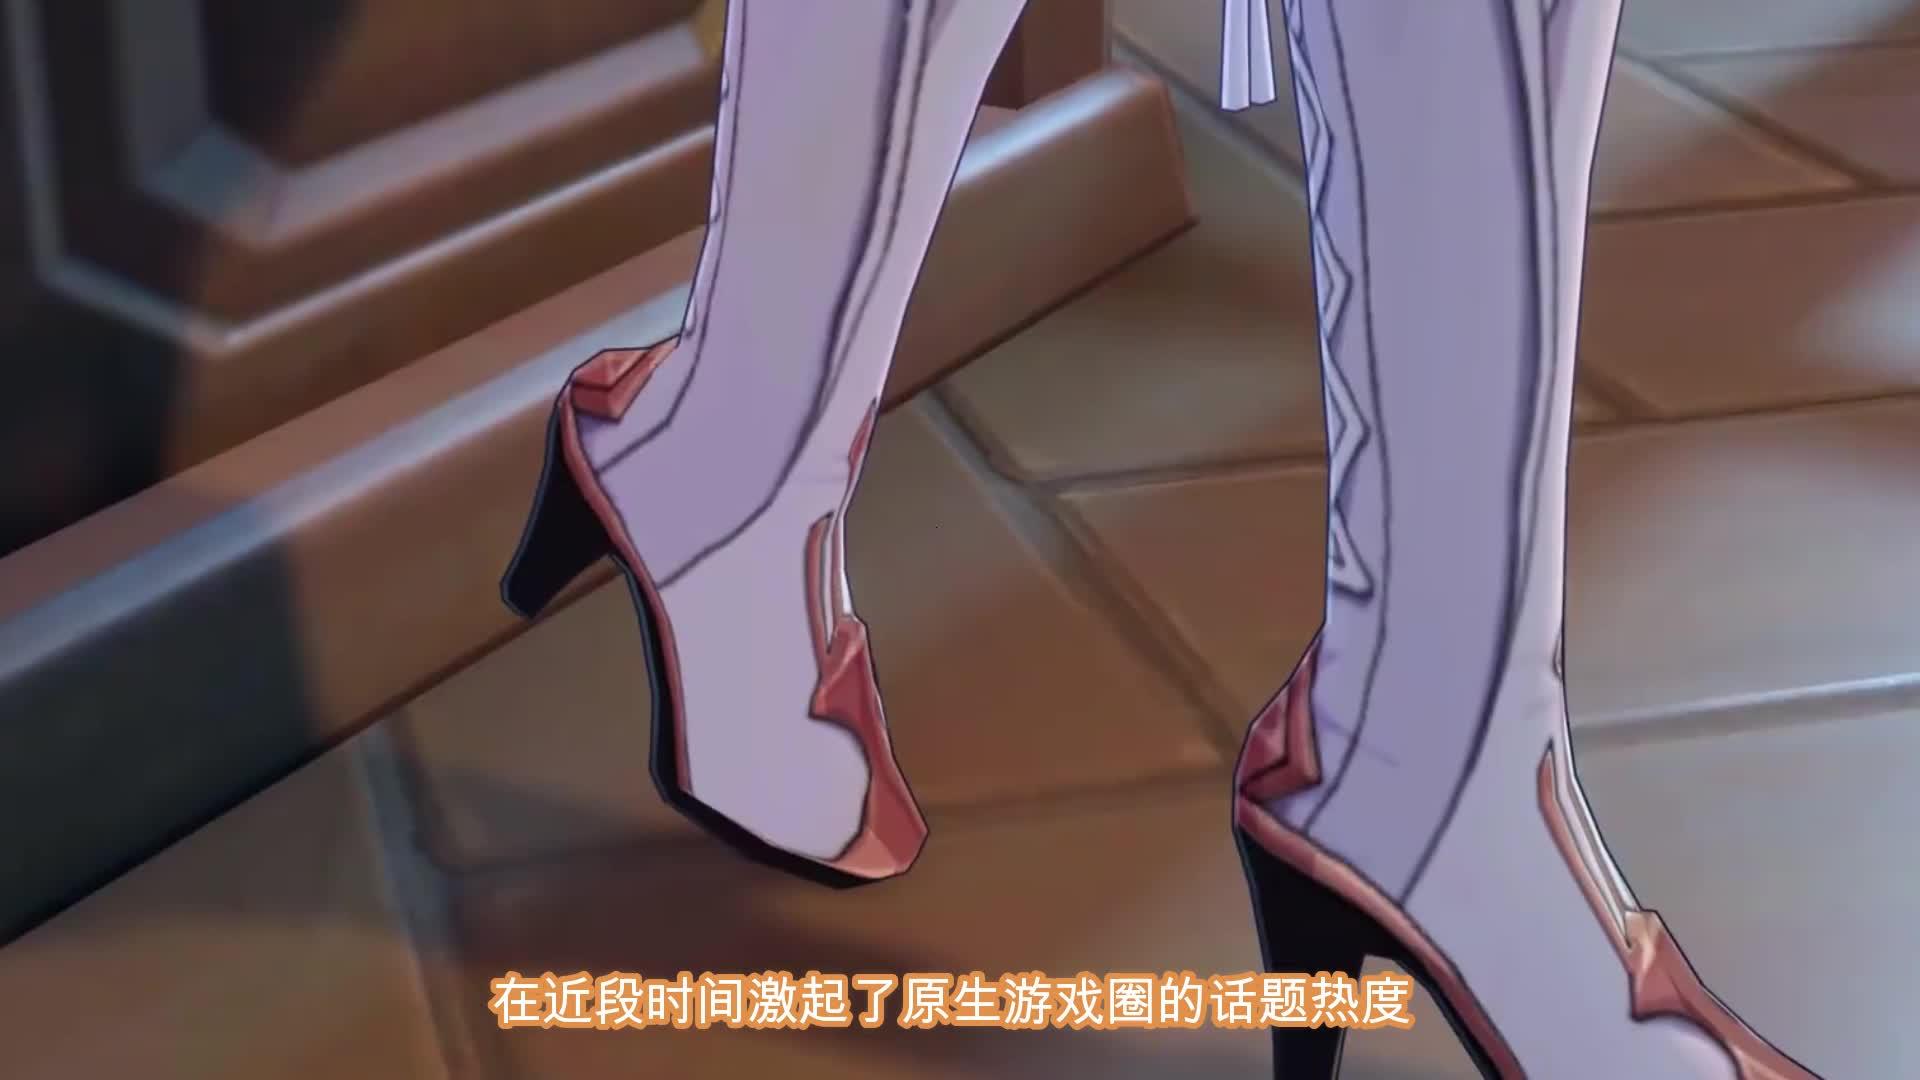 原神:泳装皮肤的彩蛋,琴跟丽莎成官方CP?衣服可能会爆炸